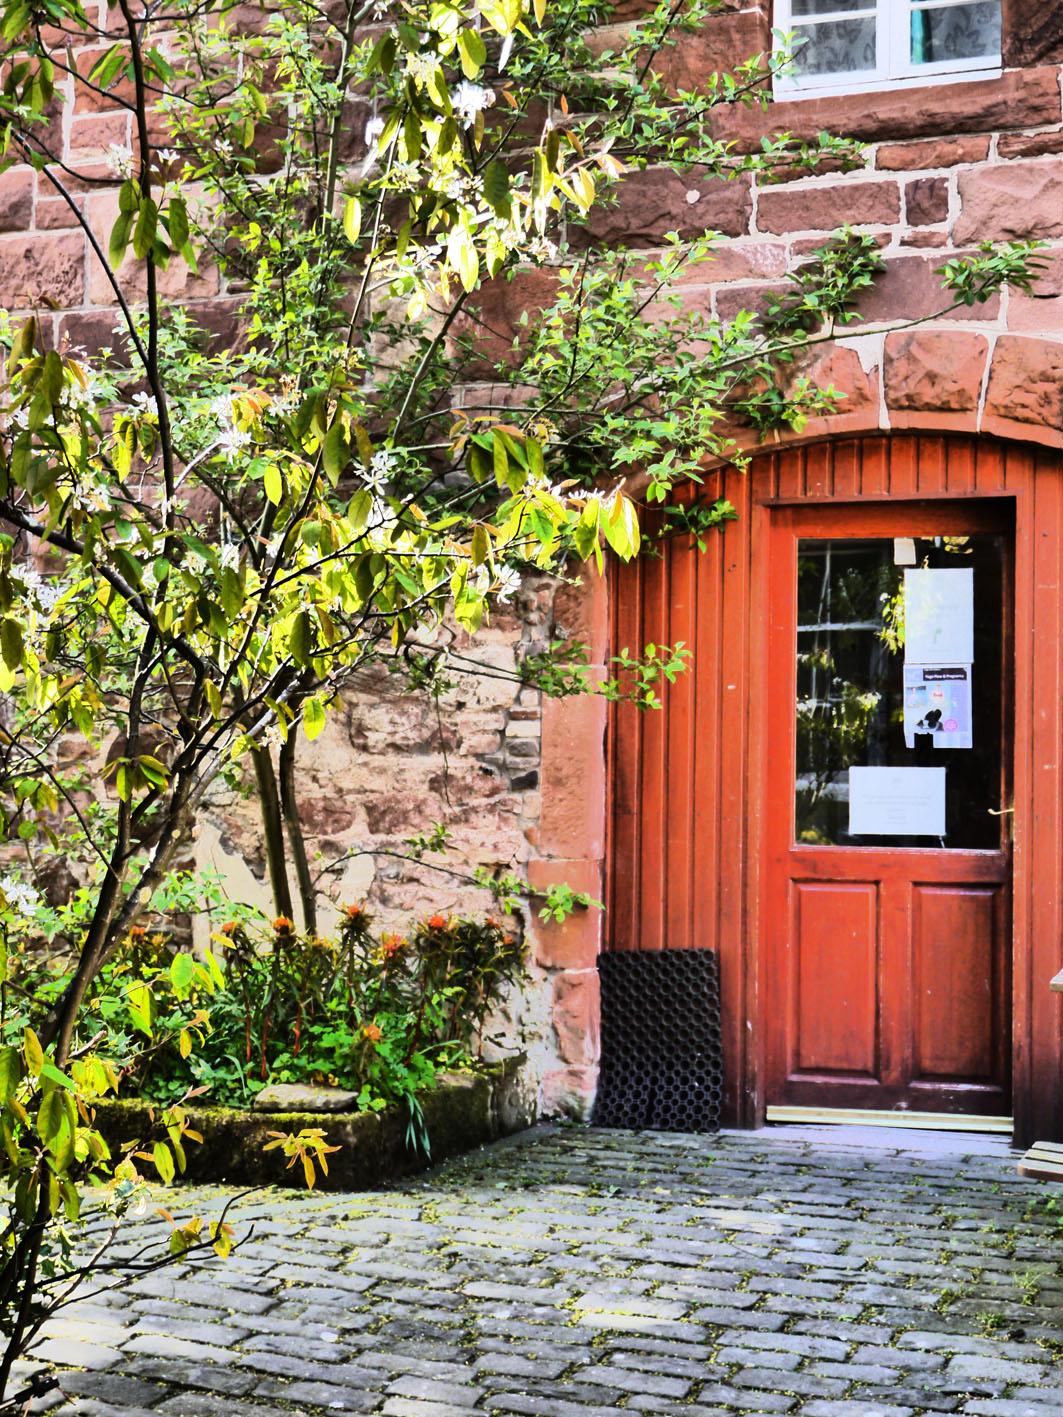 courtyard-detail-small.jpg